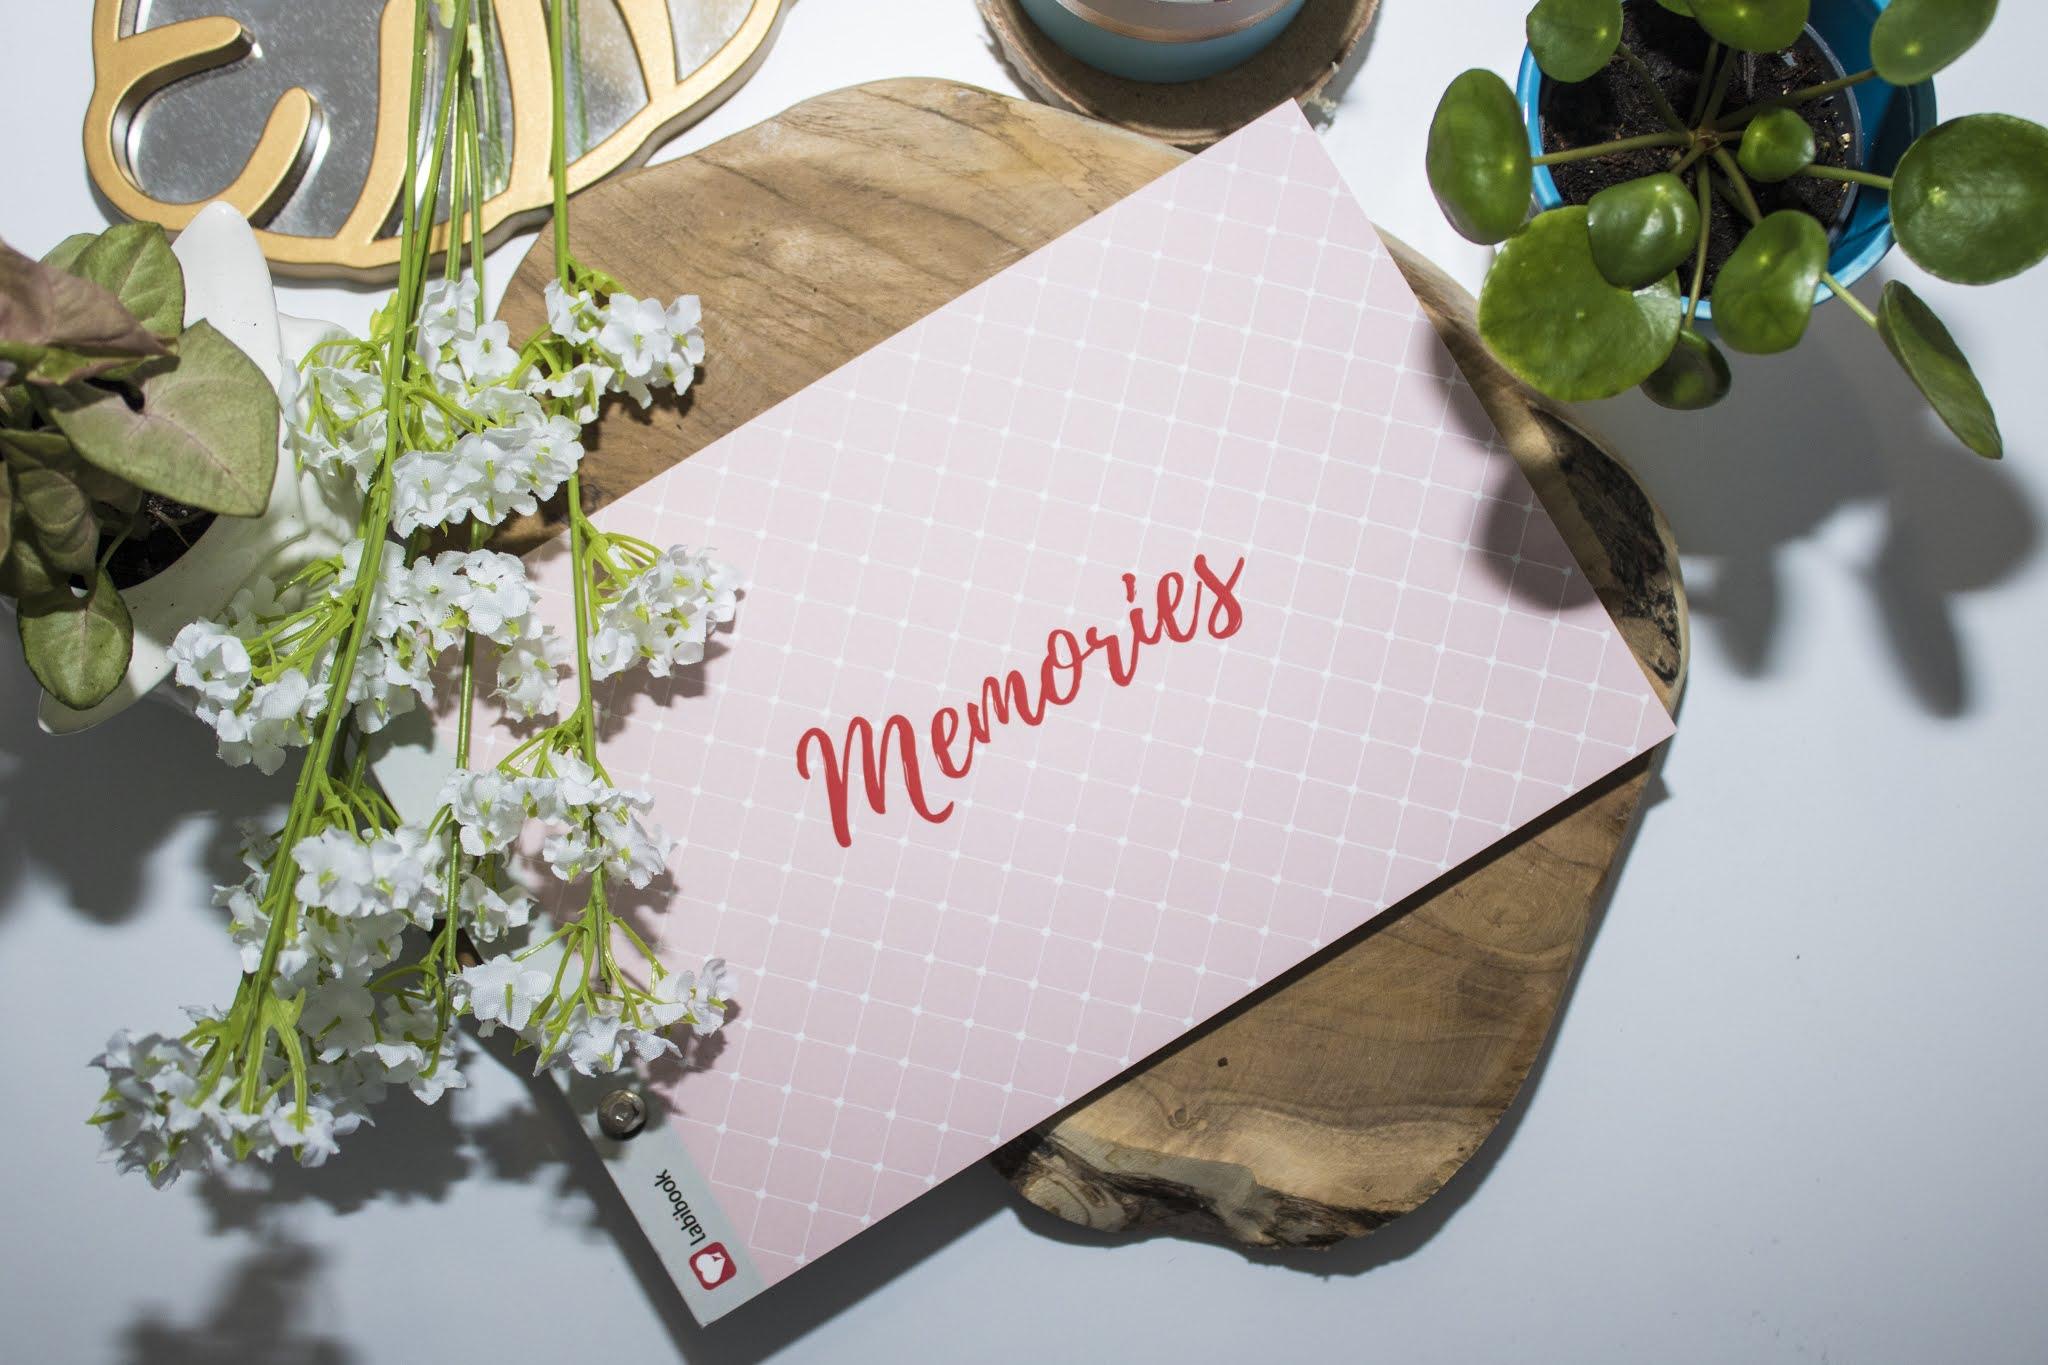 Wydrukuj wspomnienia - Labilab